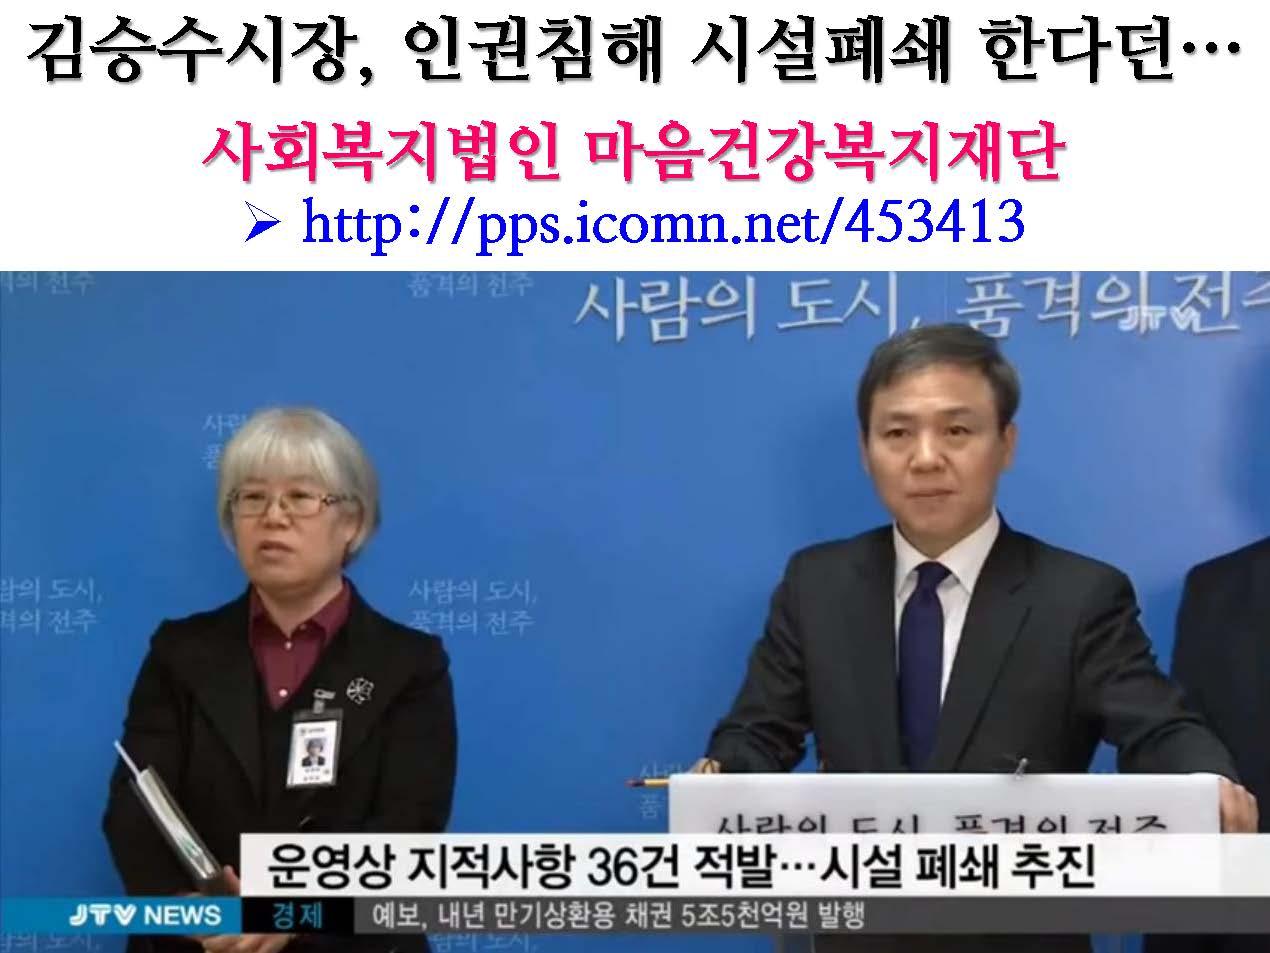 2019년 평화주민사랑방 활동 및 결산보고(PDF)_페이지_04.jpg